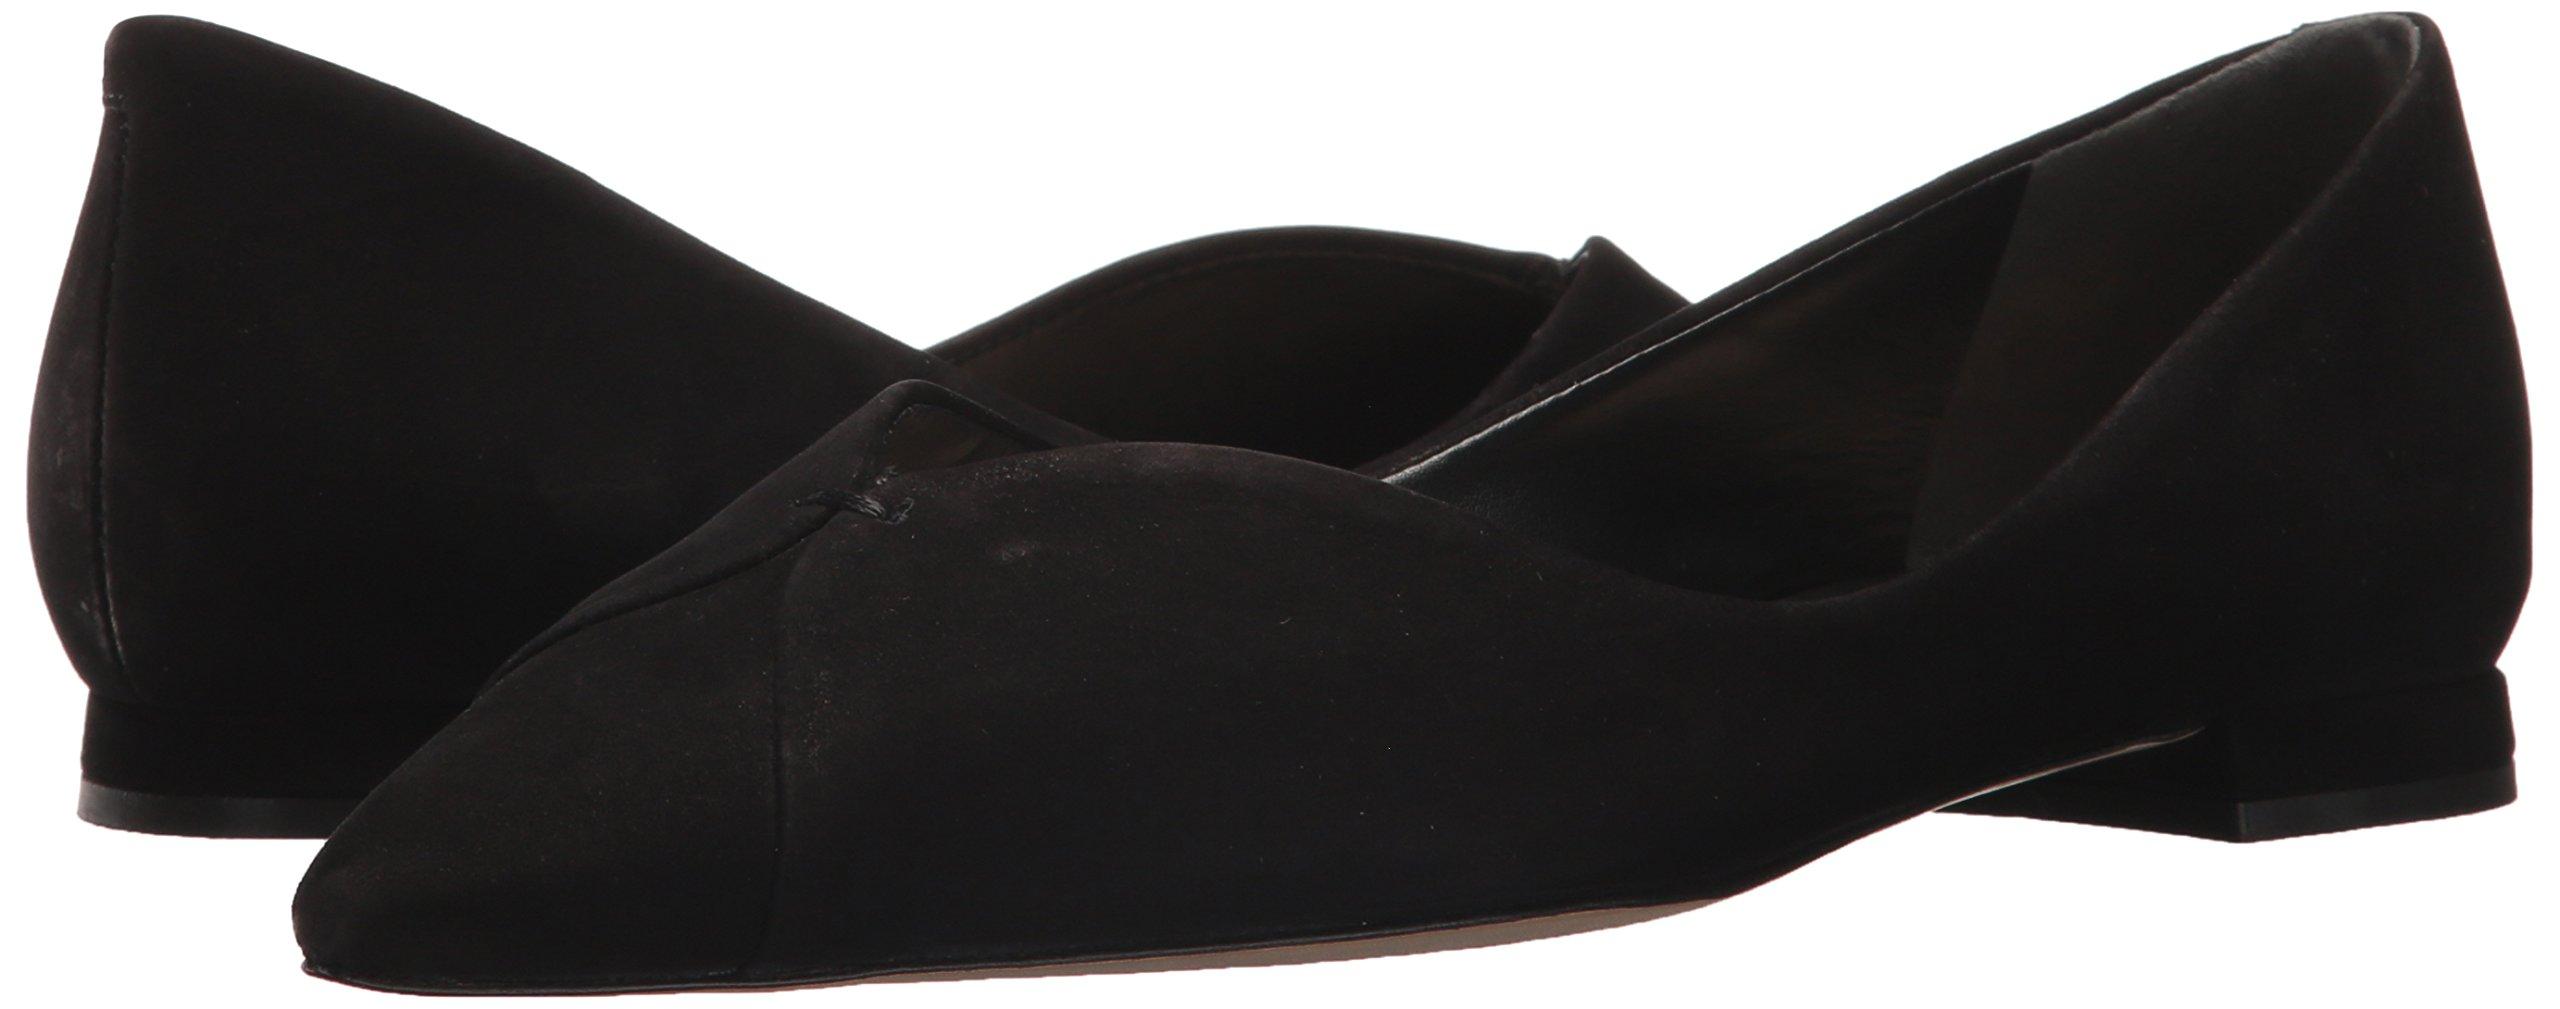 SCHUTZ Women's Sasha Ballet Flat, Black, 9.5 M US by SCHUTZ (Image #5)